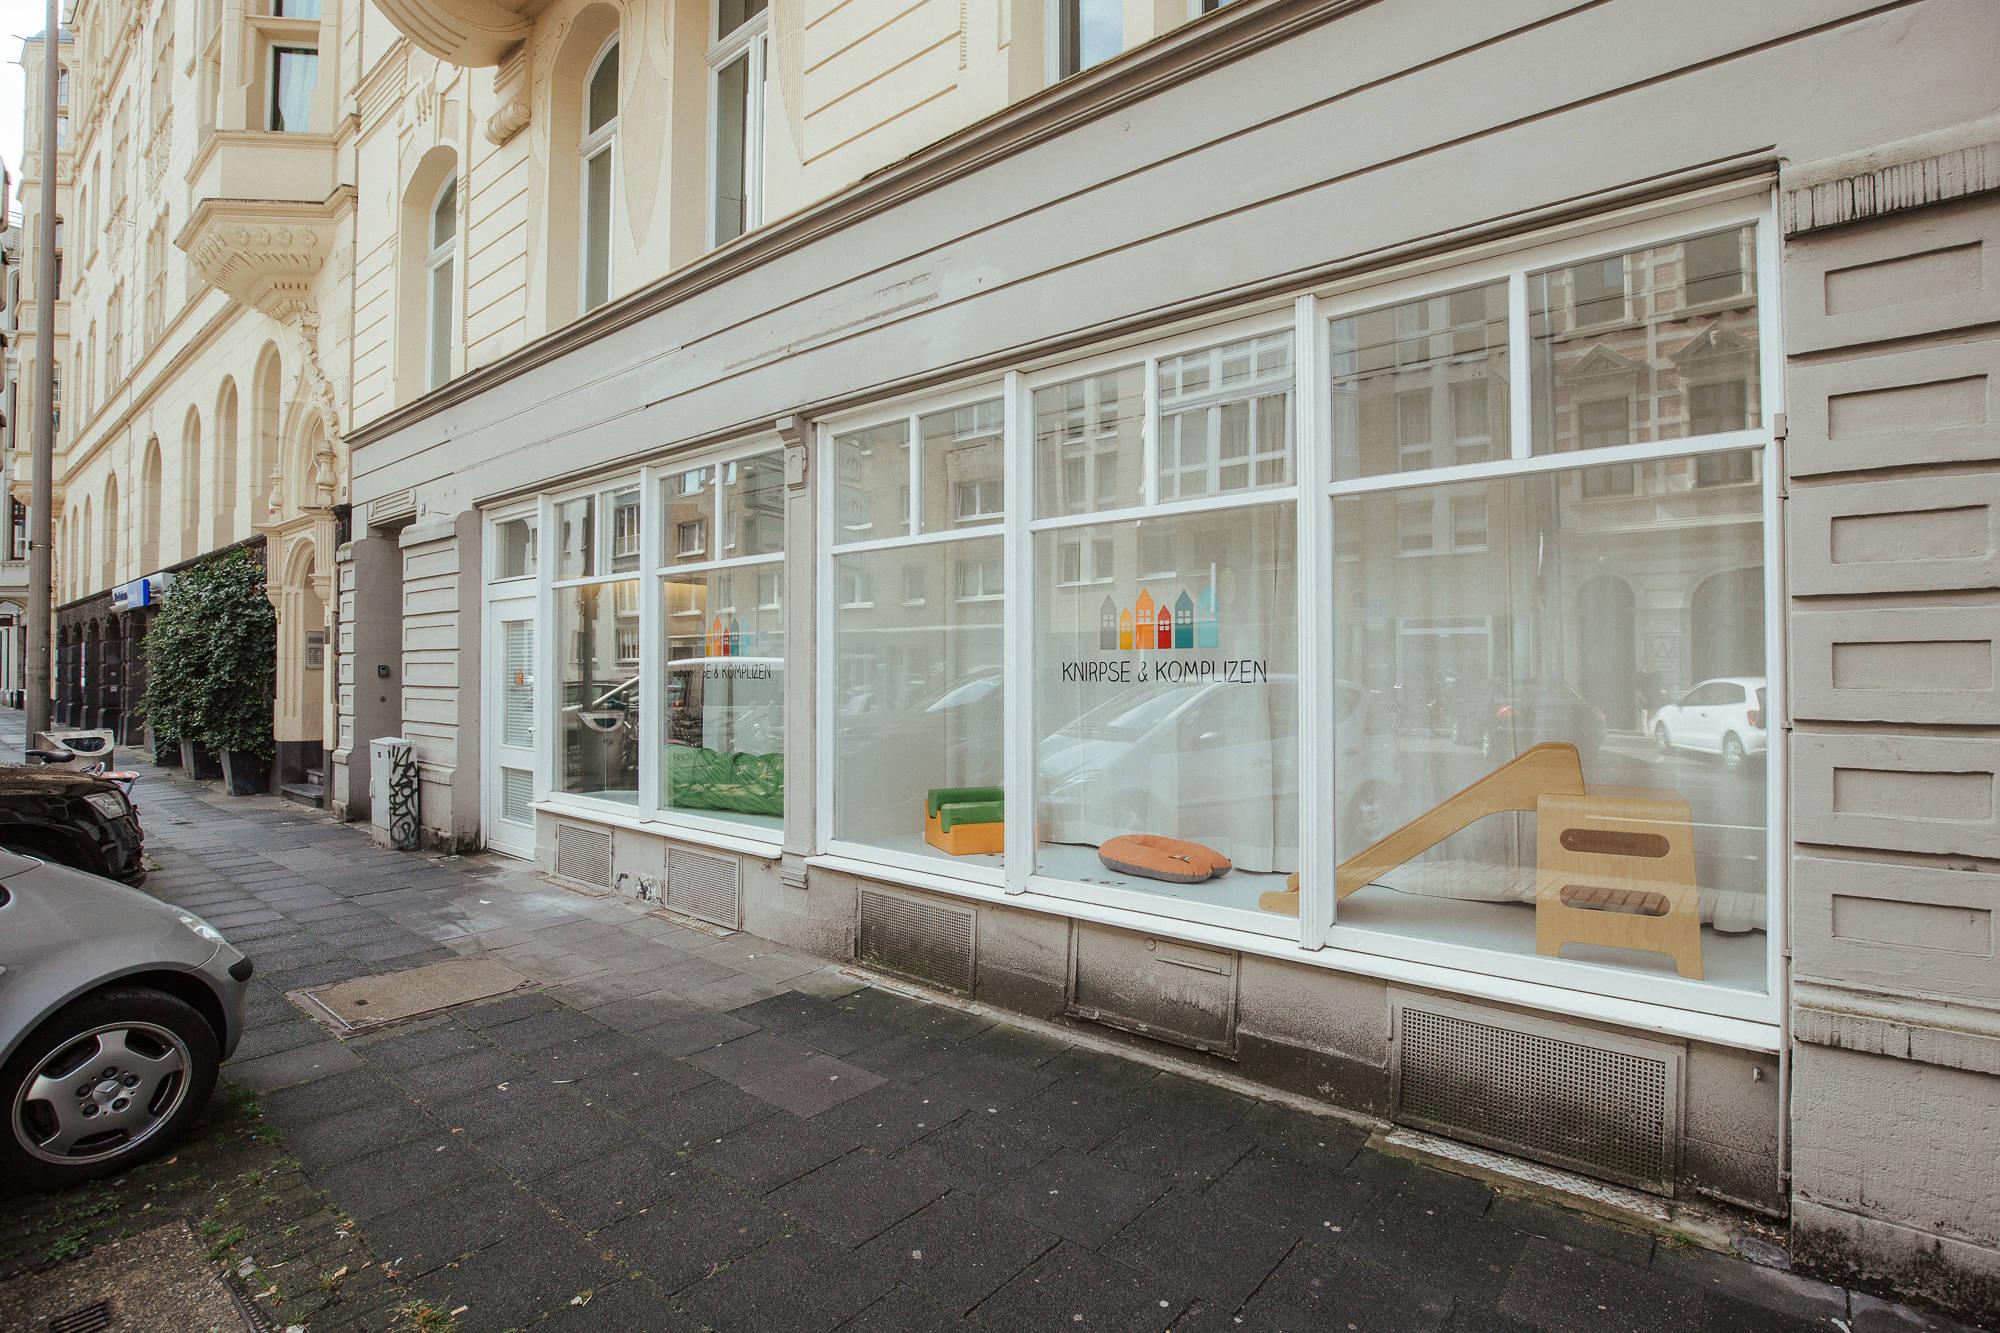 Blick vom Bürgersteig auf das Ladenlokal Knirpse & Komplizen